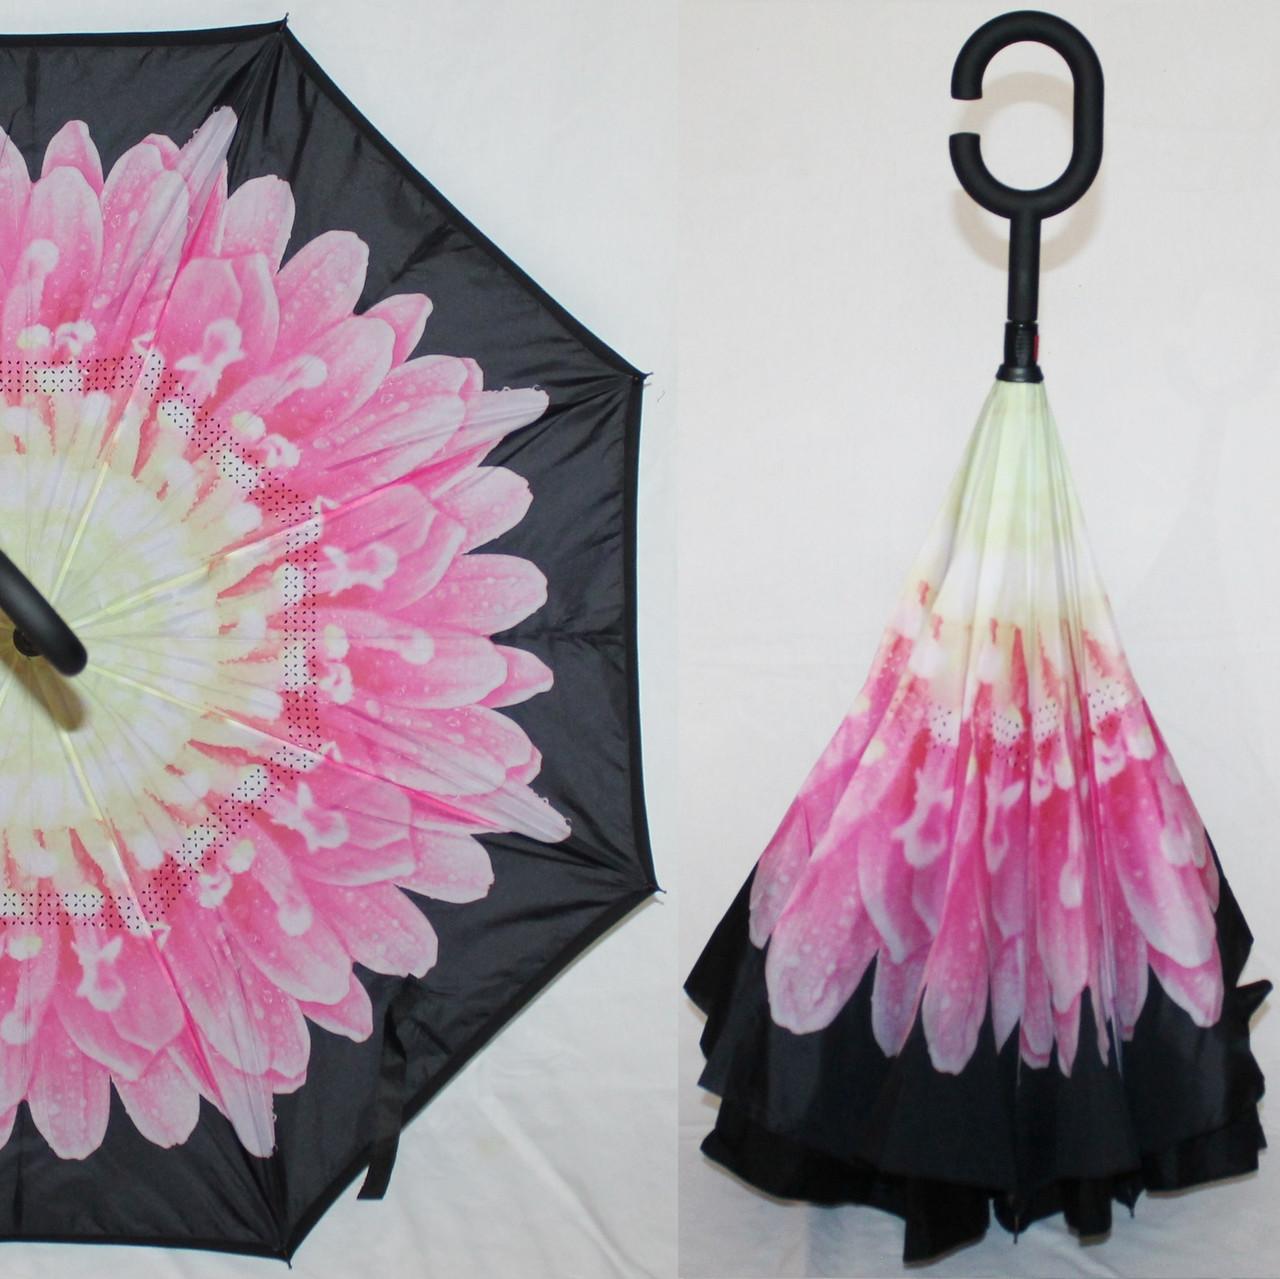 Зонт зворотного складання Up Brella жовто-рожева хризантема